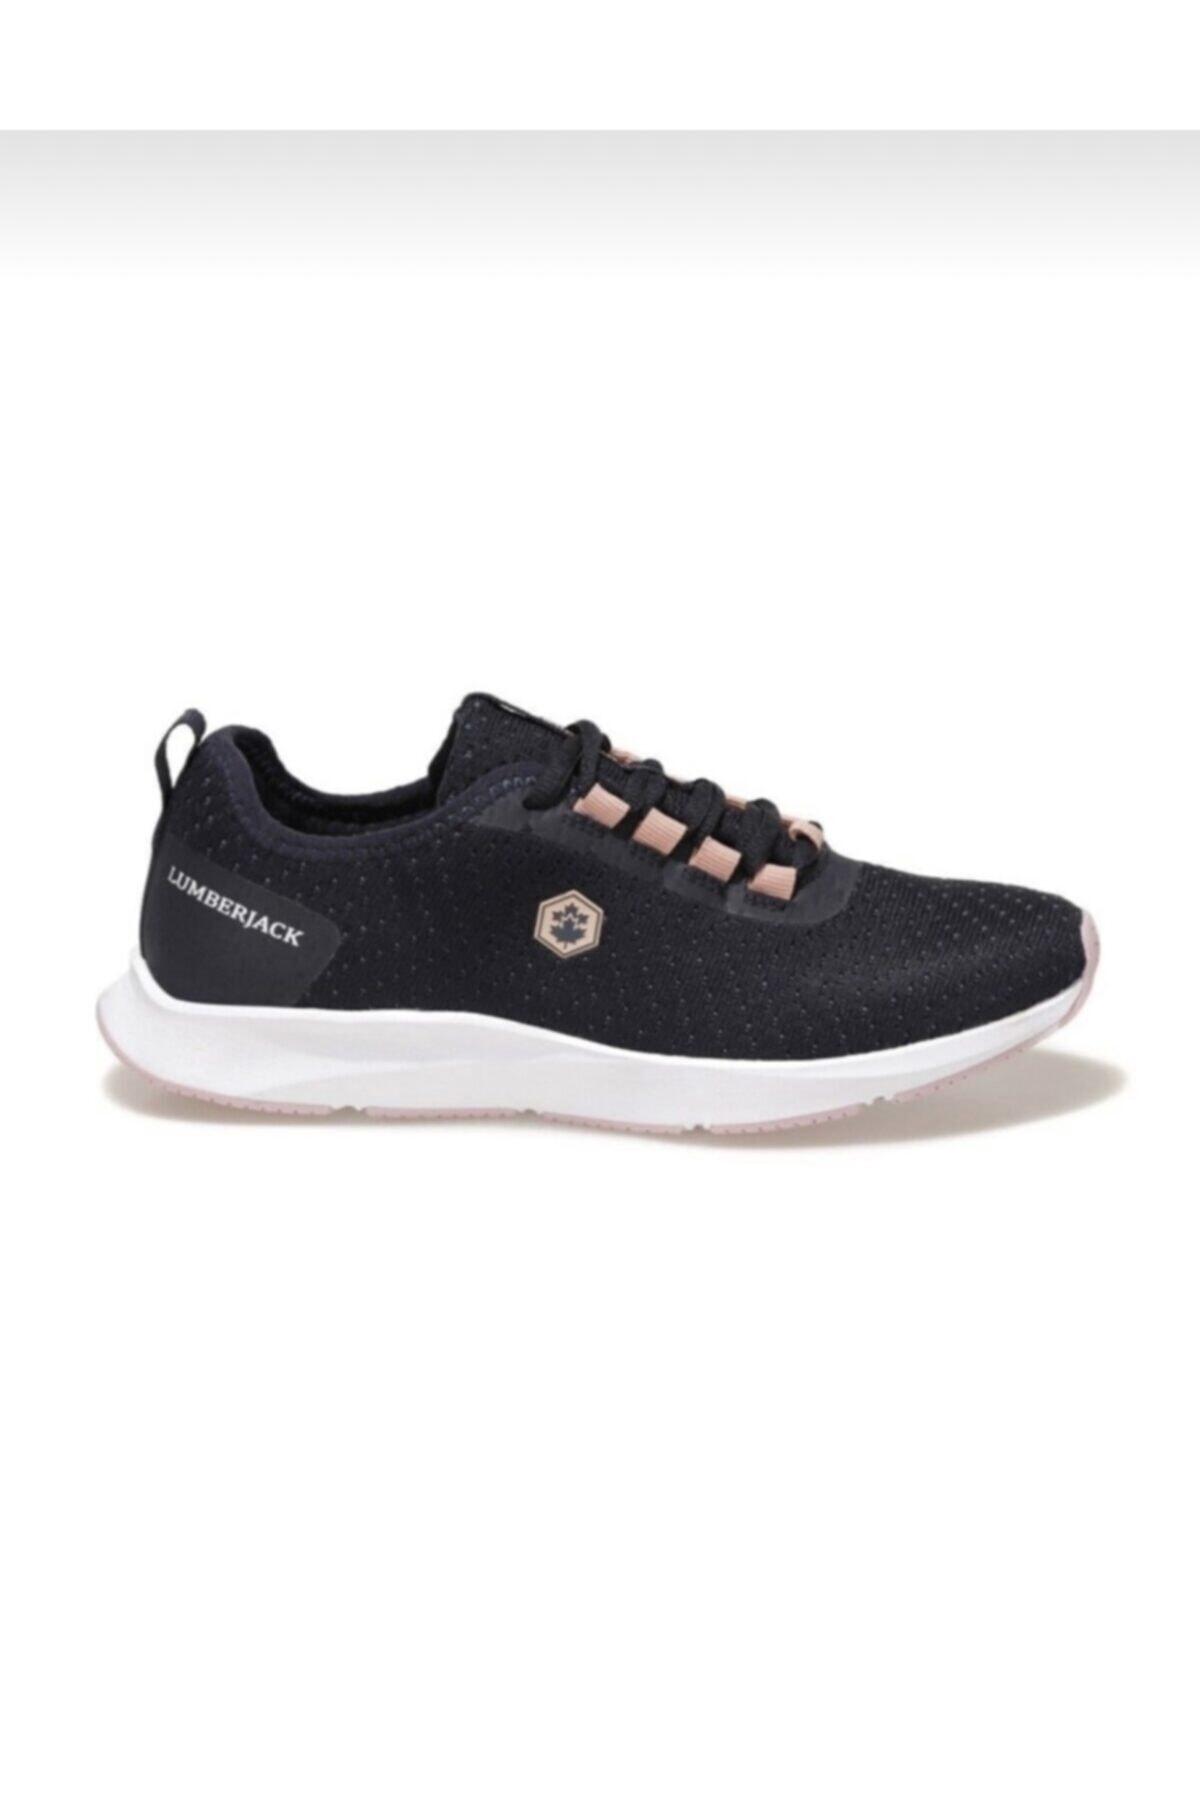 STEFAN WMN 1FX Lacivert Kadın Koşu Ayakkabısı 100786802